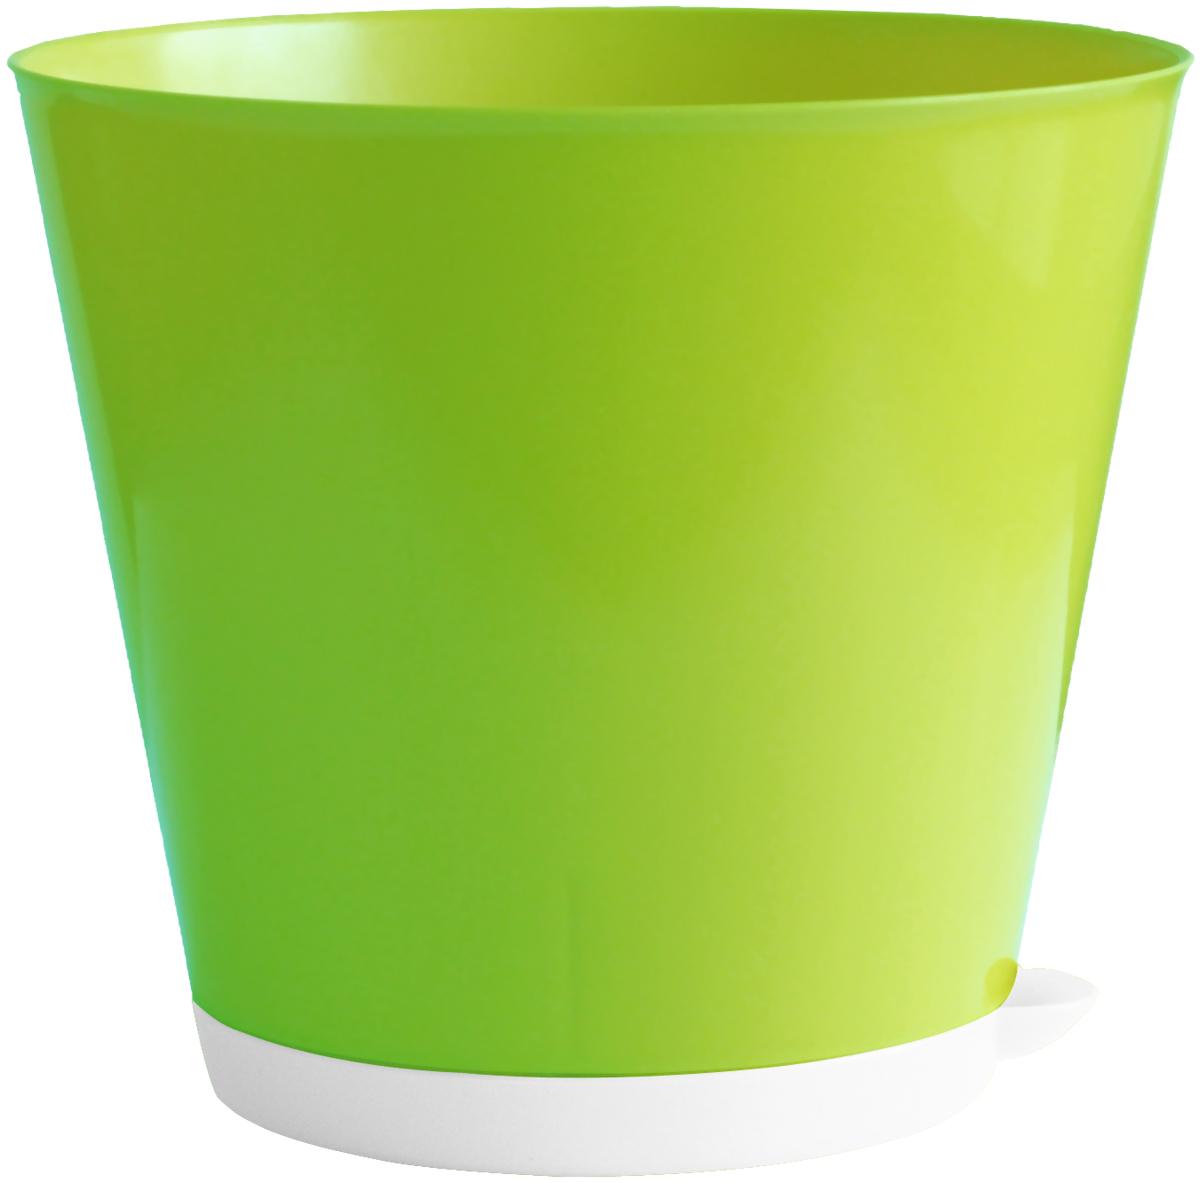 Горшок для цветов InGreen Крит, с системой прикорневого полива, цвет: салатовый, белый, диаметр 22,6 смING46022СЛГоршок InGreen Крит, выполненный из высококачественного пластика, предназначен для выращивания комнатных цветов, растений и трав. Специальная конструкция обеспечивает вентиляцию в корневой системе растения, а дренажные отверстия позволяют выходить лишней влаге из почвы. Крепежные отверстия и штыри прочно крепят подставку к горшку. Прикорневой полив растения осуществляется через удобный носик. Система прикорневого полива позволяет оставлять комнатное растение без внимания тем, кто часто находится в командировках или собирается в отпуск и не имеет возможности вовремя поливать цветы. Такой горшок порадует вас современным дизайном и функциональностью, а также оригинально украсит интерьер любого помещения. Объем: 5 л.